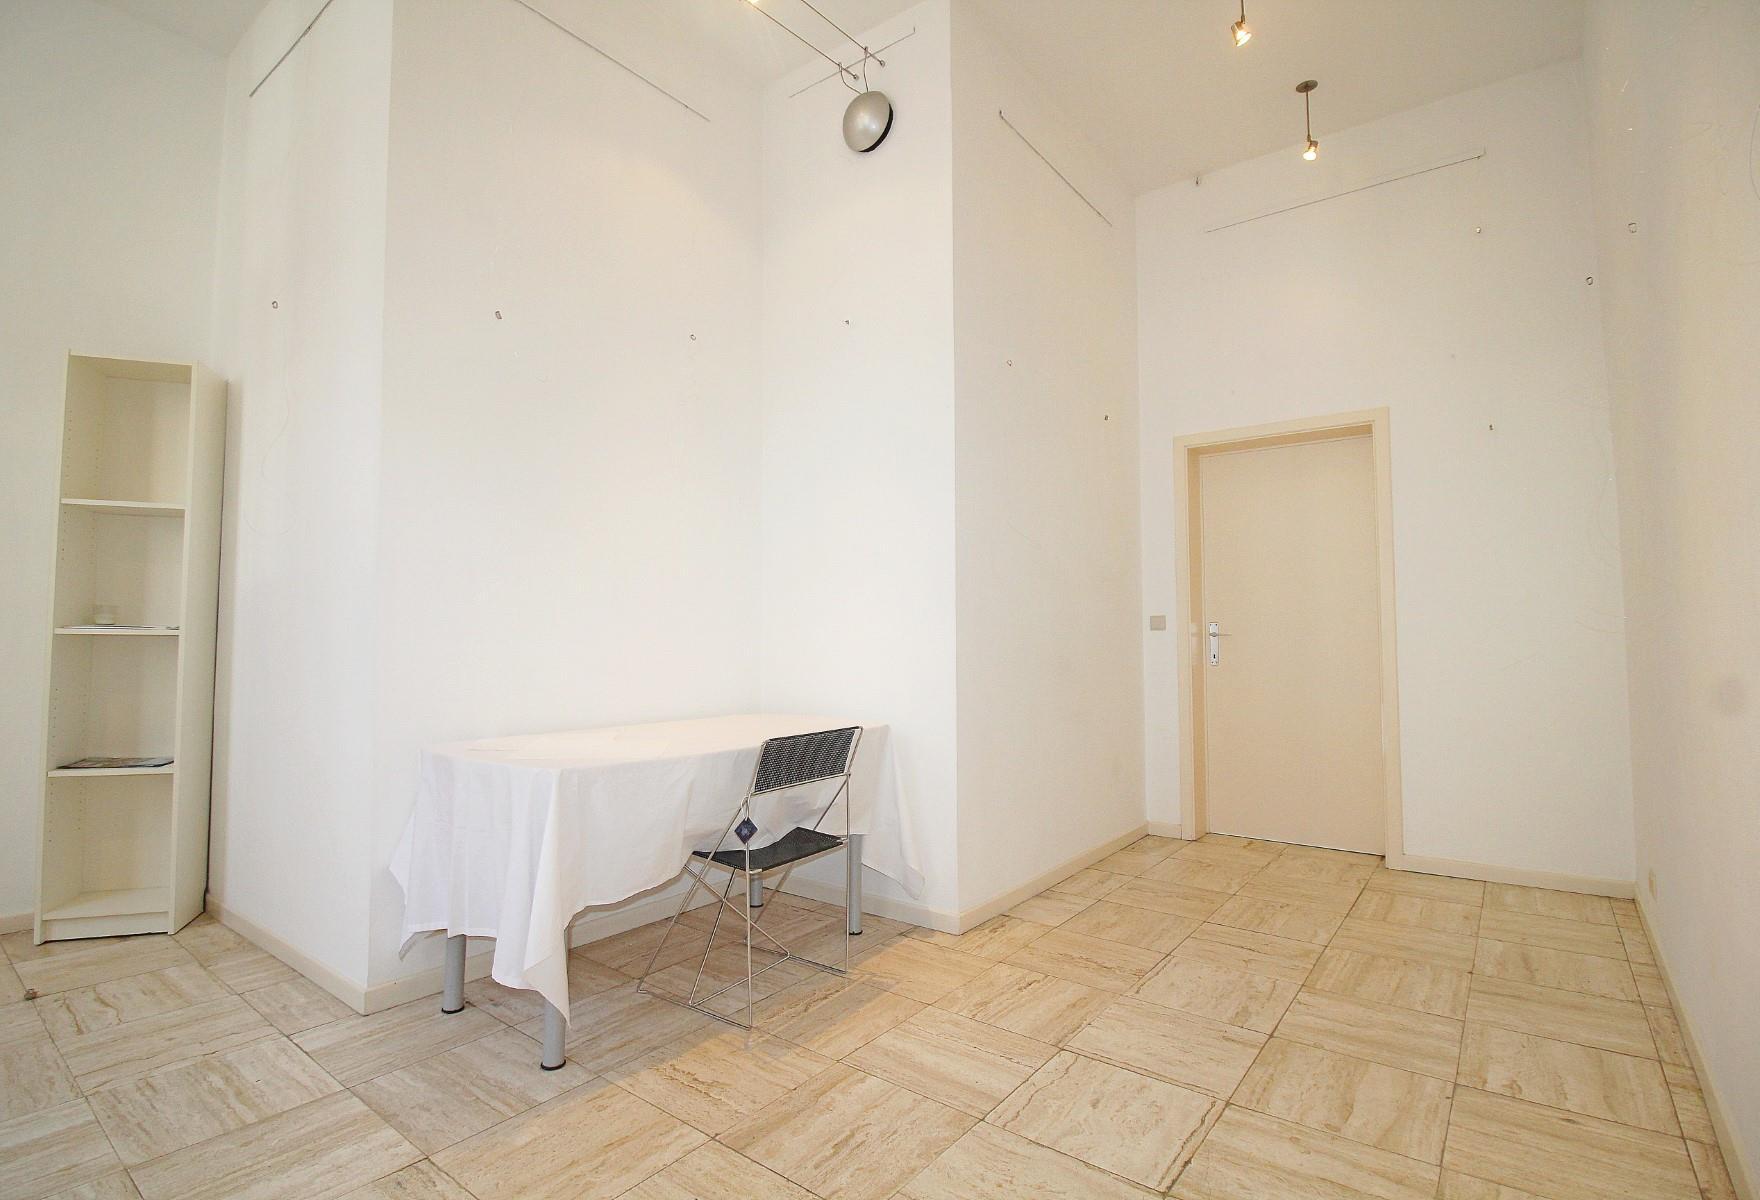 Rez-de-chaussée - Namur - #4054489-3